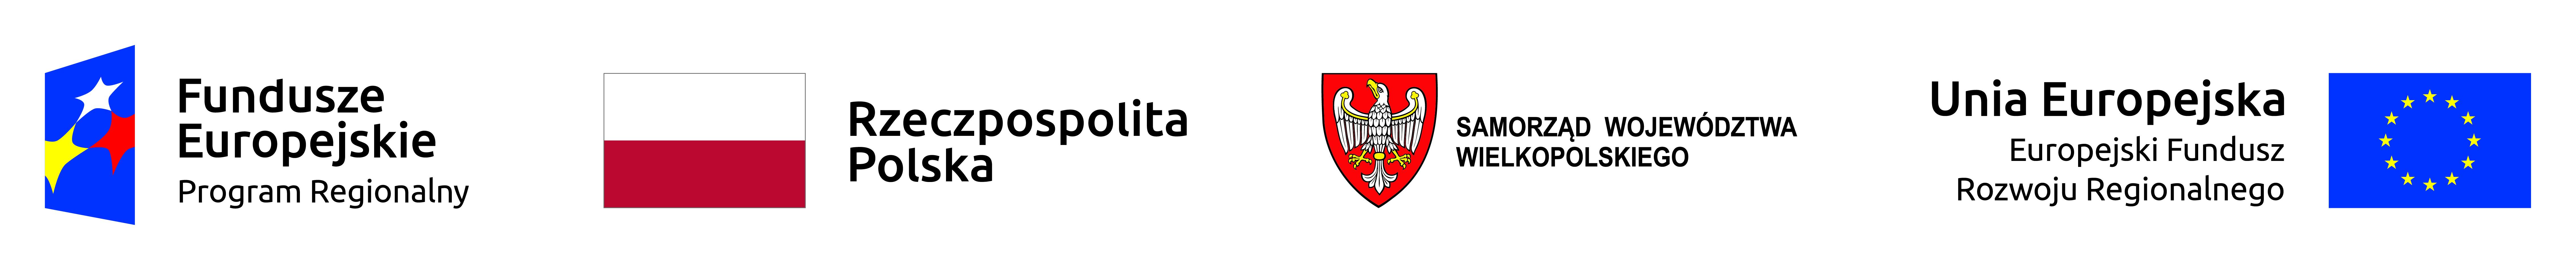 Grafika przedstawia (od lewej): logo Regionalnego Programu Fundusze Europejskie, flagę RP, herb Samorządu Województwa Wielkopolskiego, flagę UE.